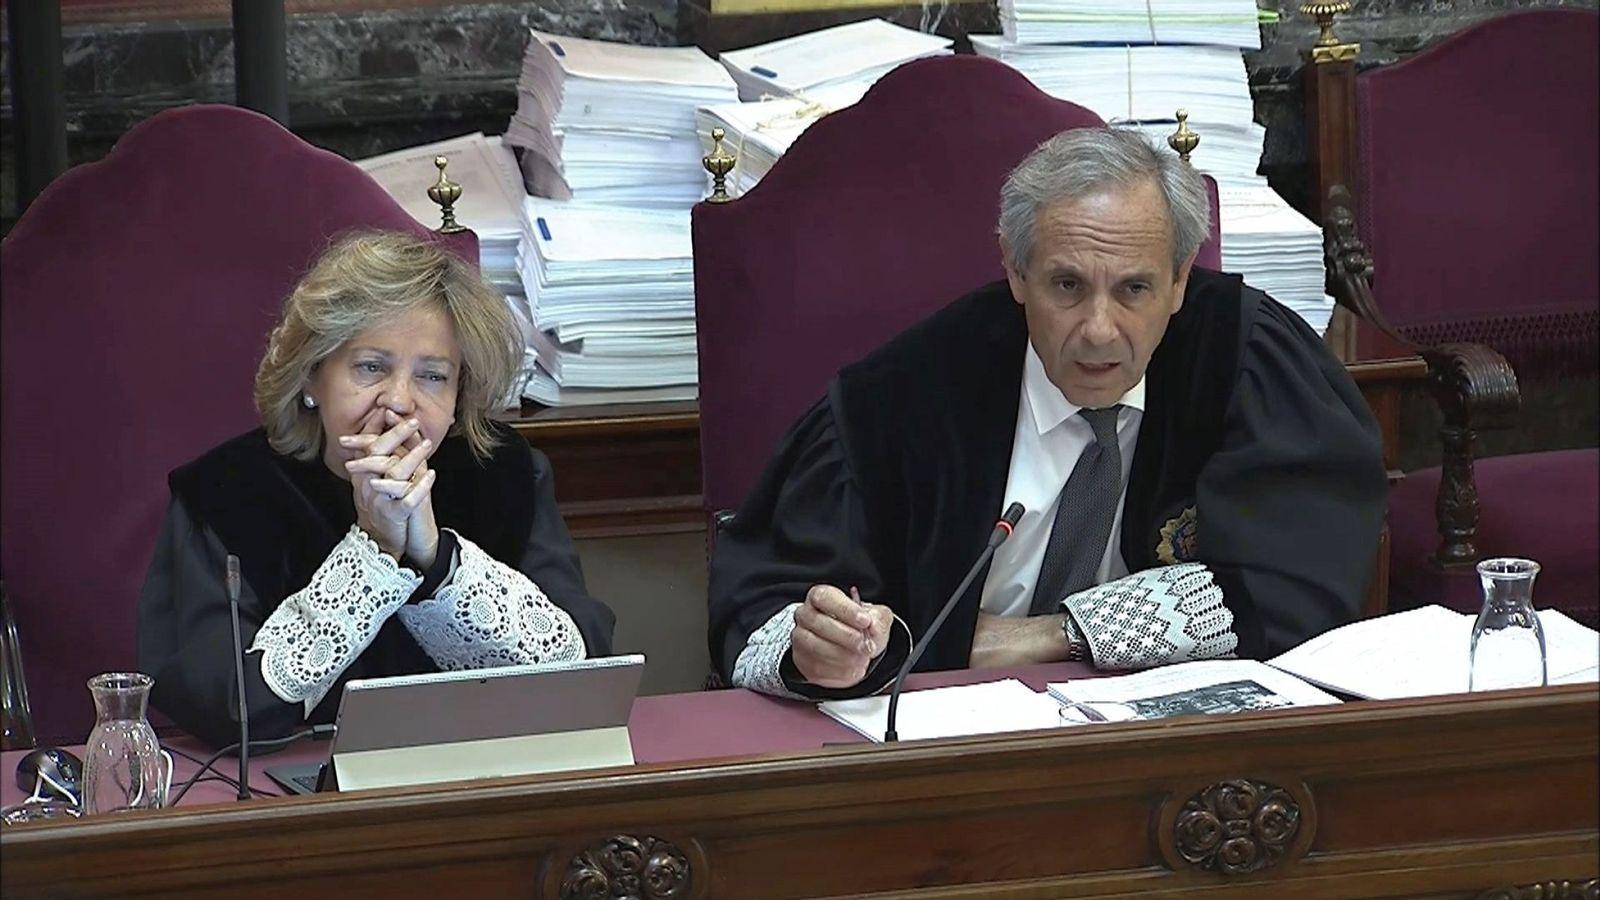 Foto: Imagen tomada de la señal institucional de Tribunal Supremo de los fiscales Consuelo Madrigal y Jaime Moreno. (EFE)